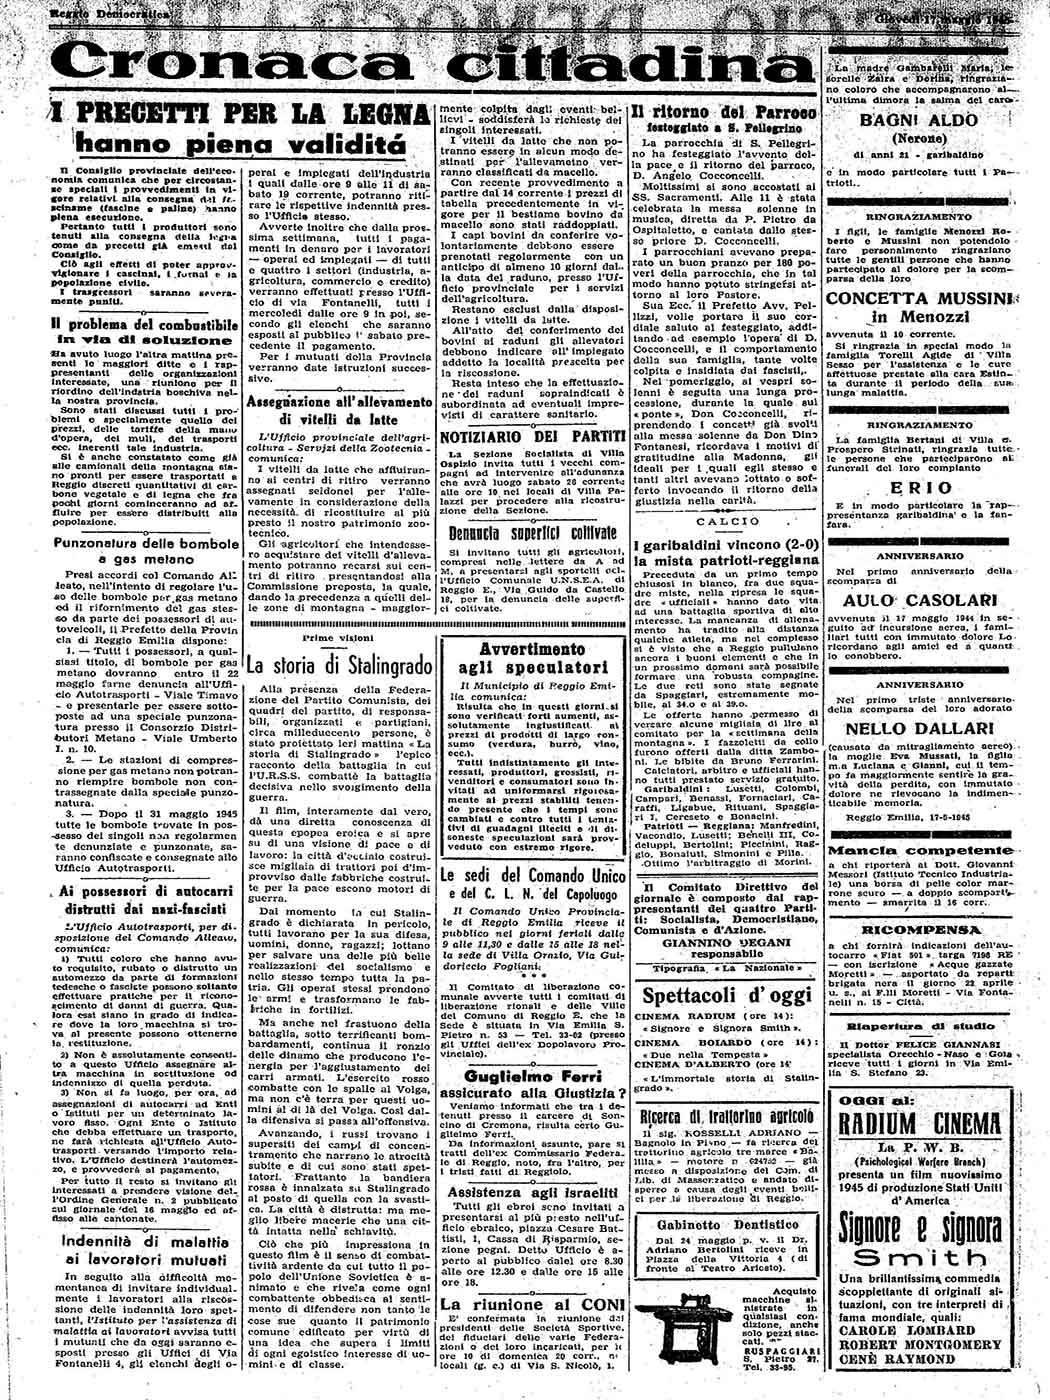 """ARTICOLO """"IL RITORNO DEL PARROCO FESTEGGIATO A SAN PELLEGRINO"""" REGGIO DEMOCRATICA, EMEROTECA BIBLIOTECA PANIZZI, REGGIO EMILIA 17 MAGGIO 1945"""